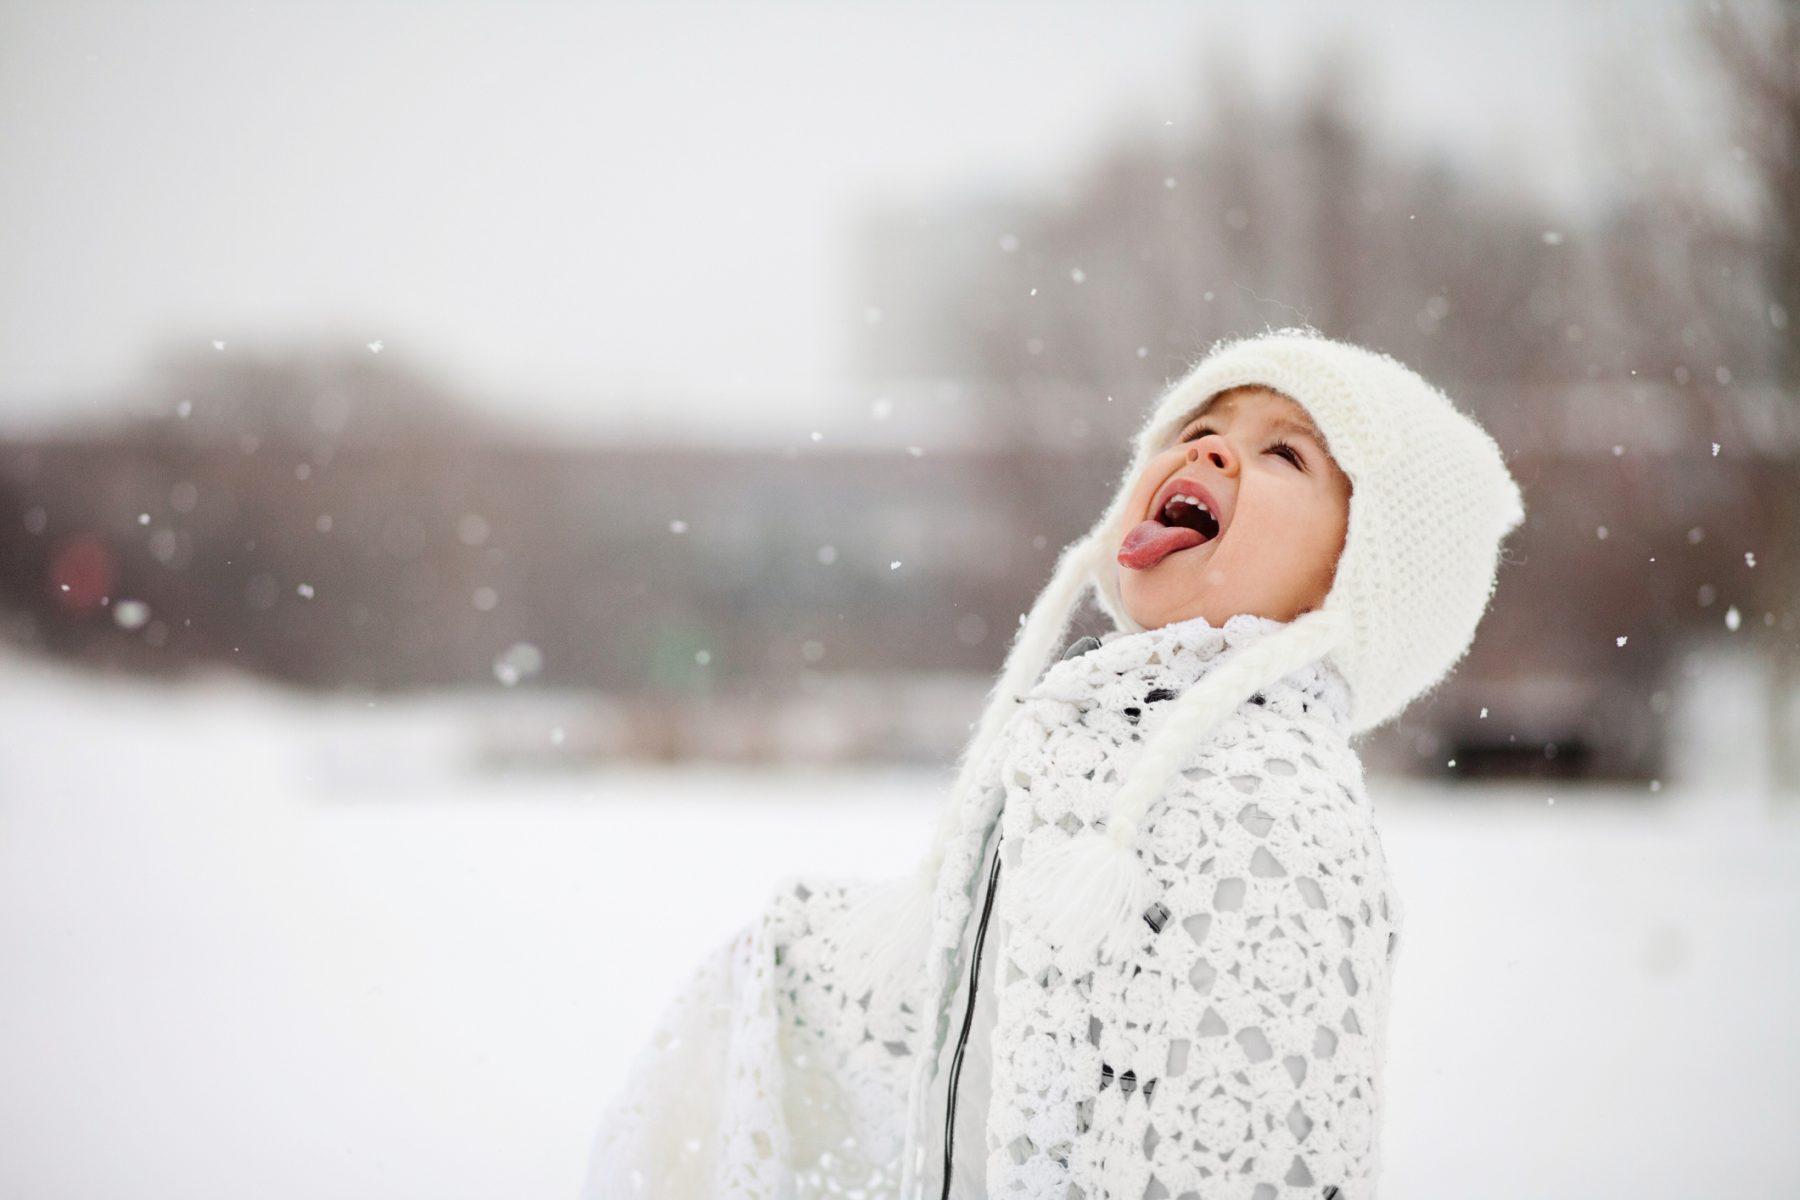 Slaapt je kind echt beter na 'sneeuwtrappelen' op blote voeten? Zo denkt een expert erover